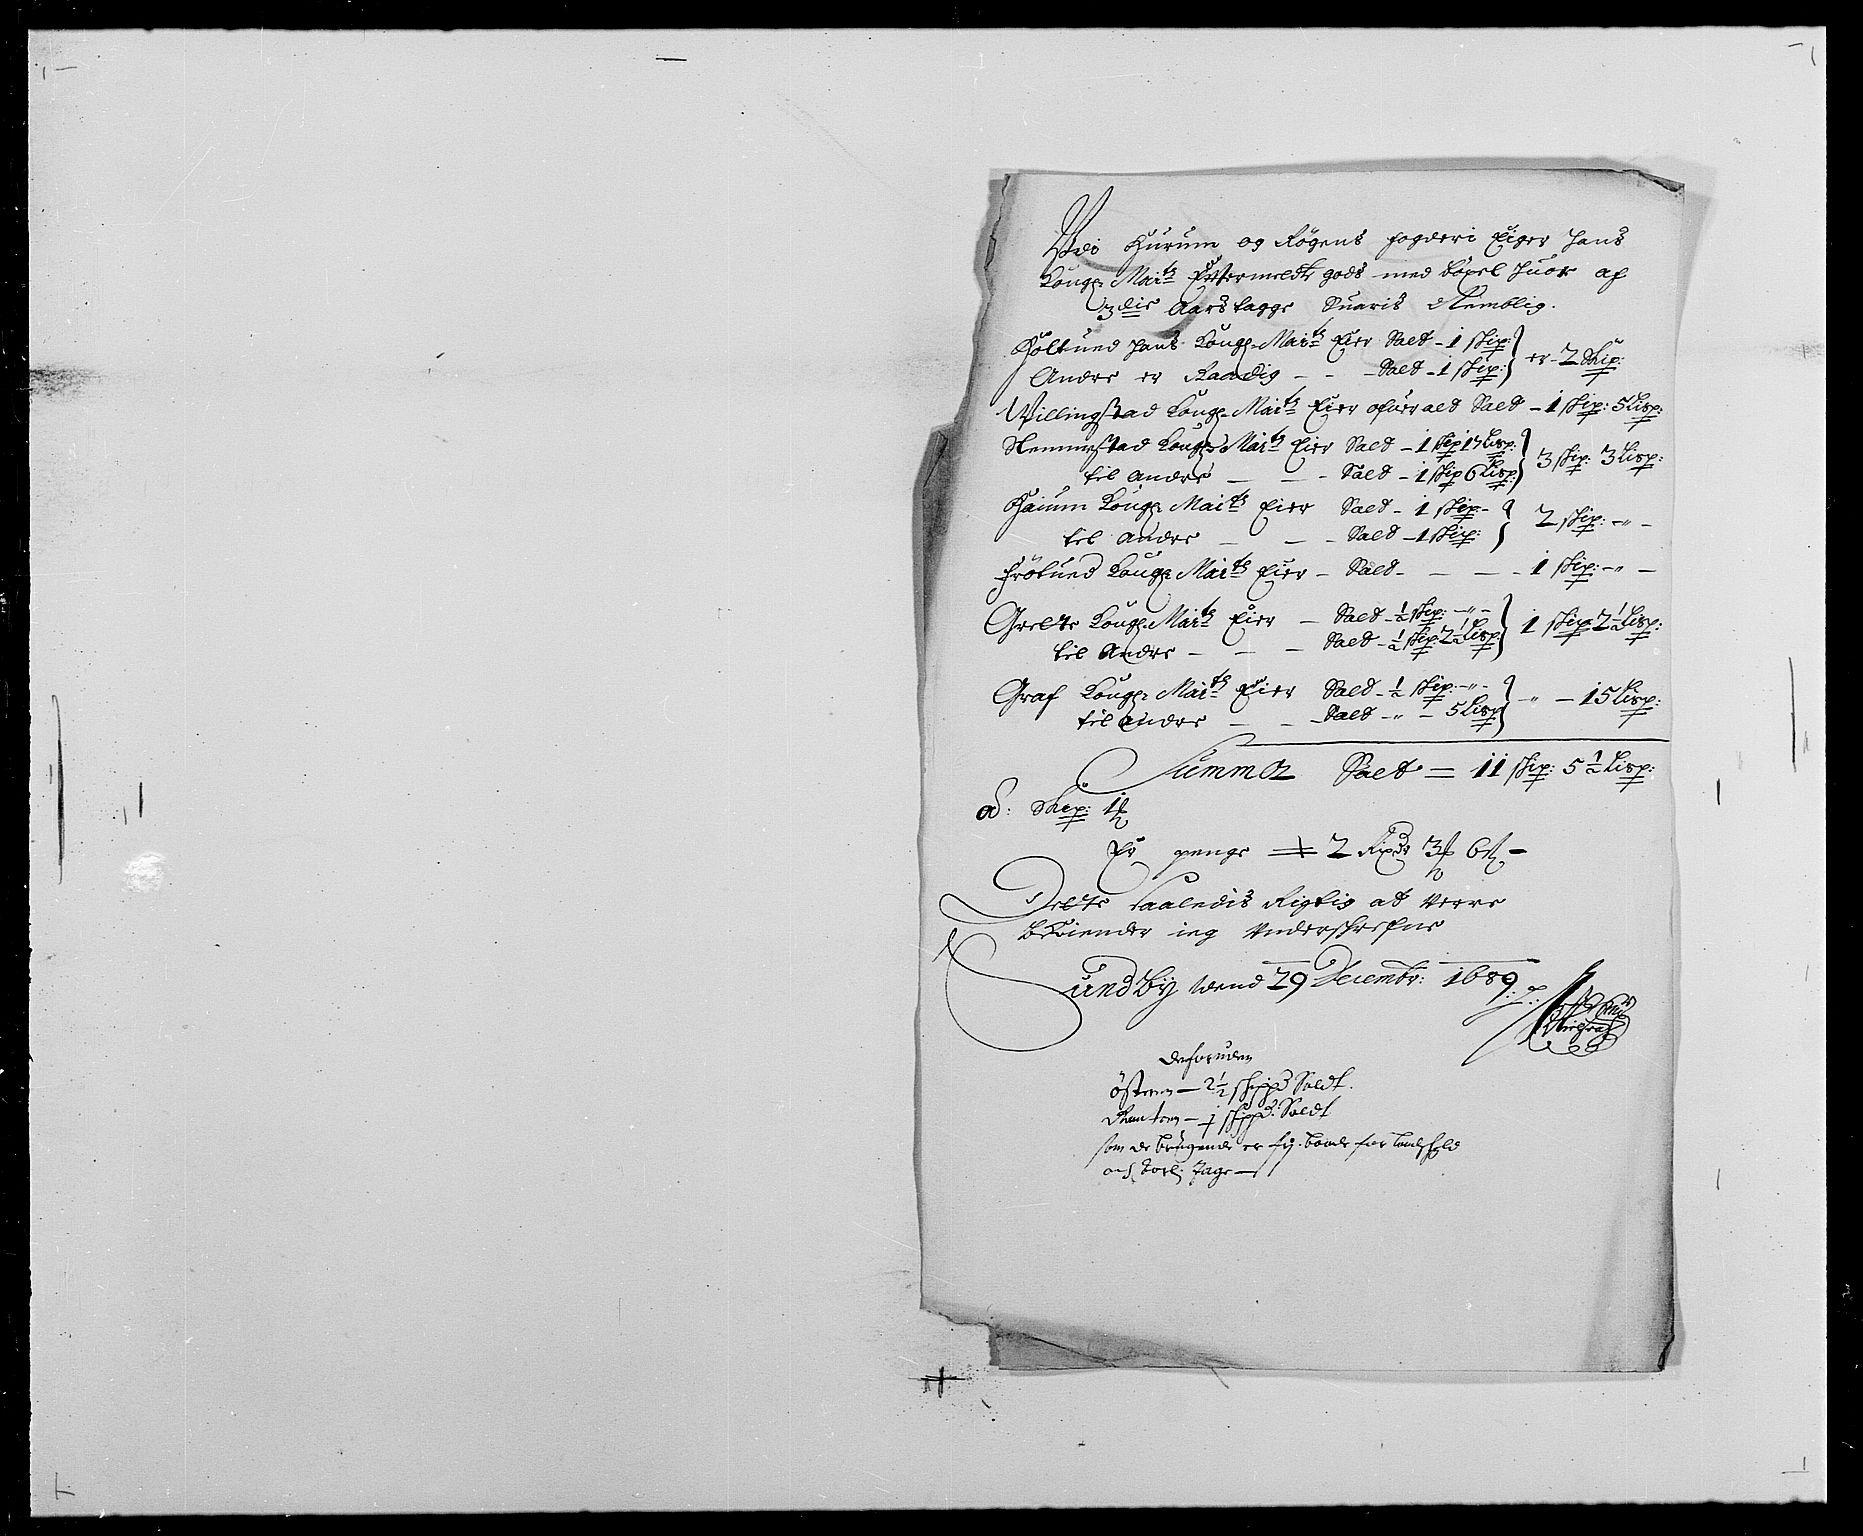 RA, Rentekammeret inntil 1814, Reviderte regnskaper, Fogderegnskap, R29/L1693: Fogderegnskap Hurum og Røyken, 1688-1693, s. 97